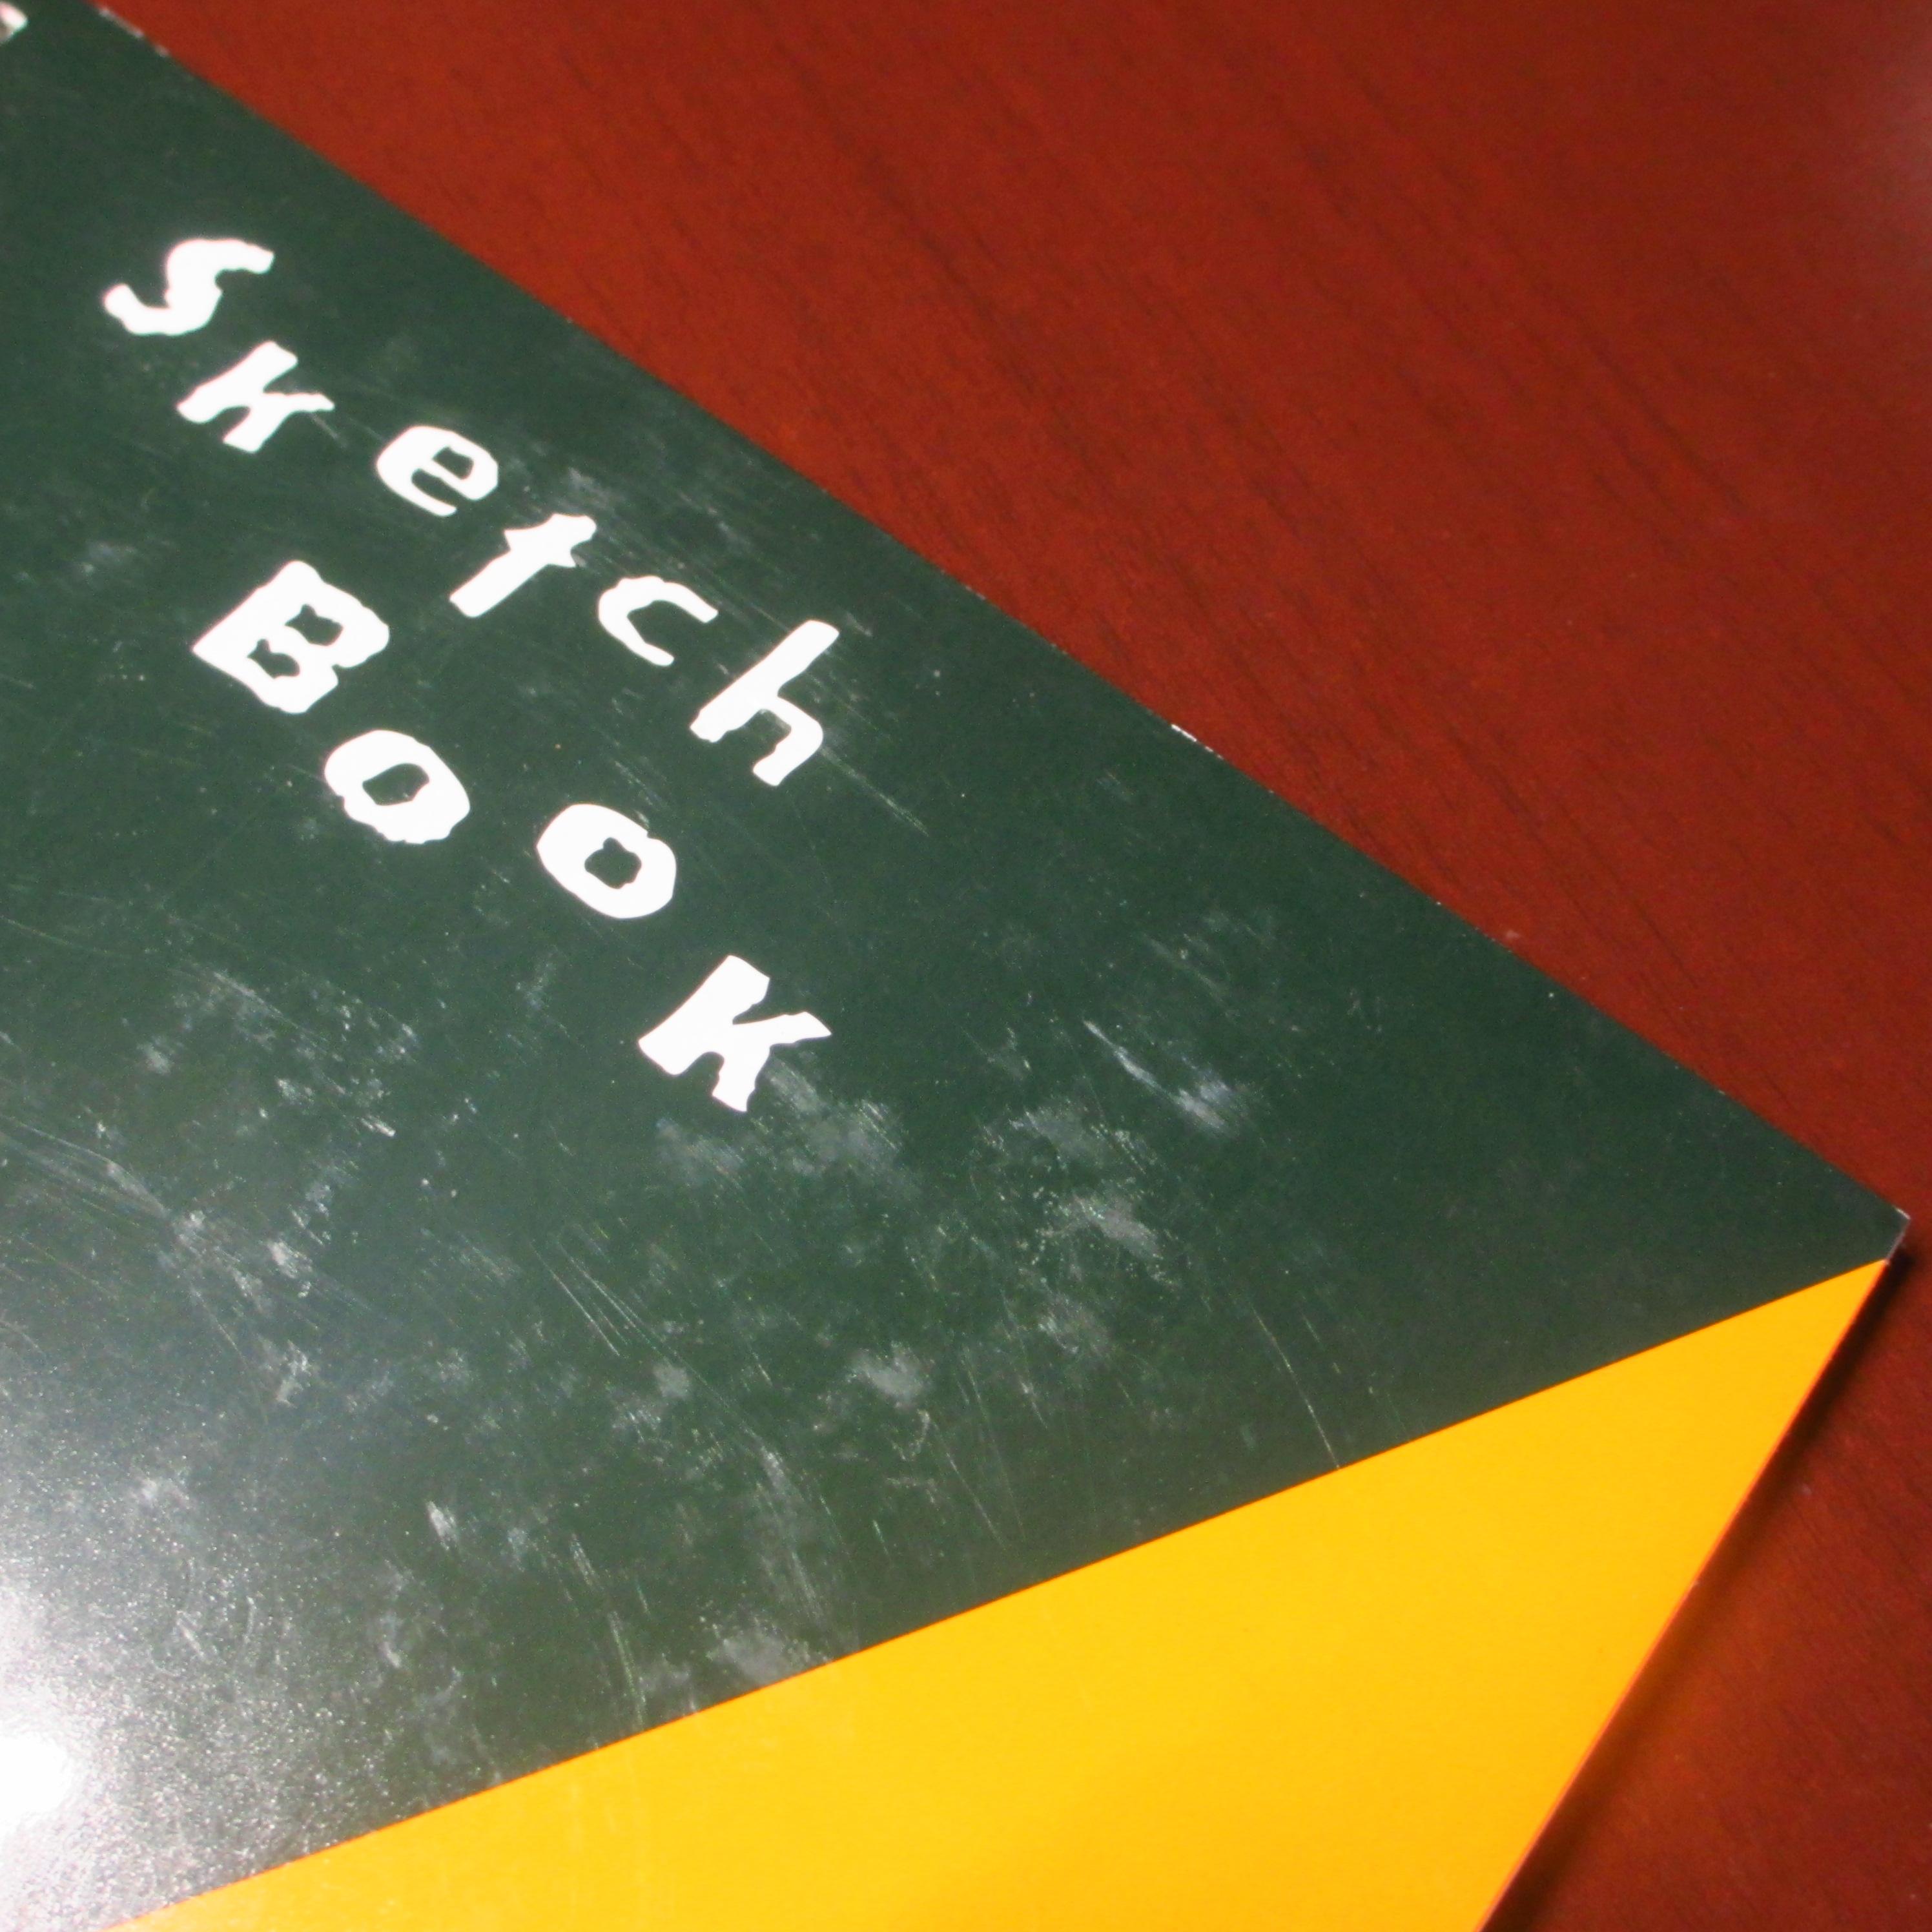 スケッチブック2015-6-2 (1)